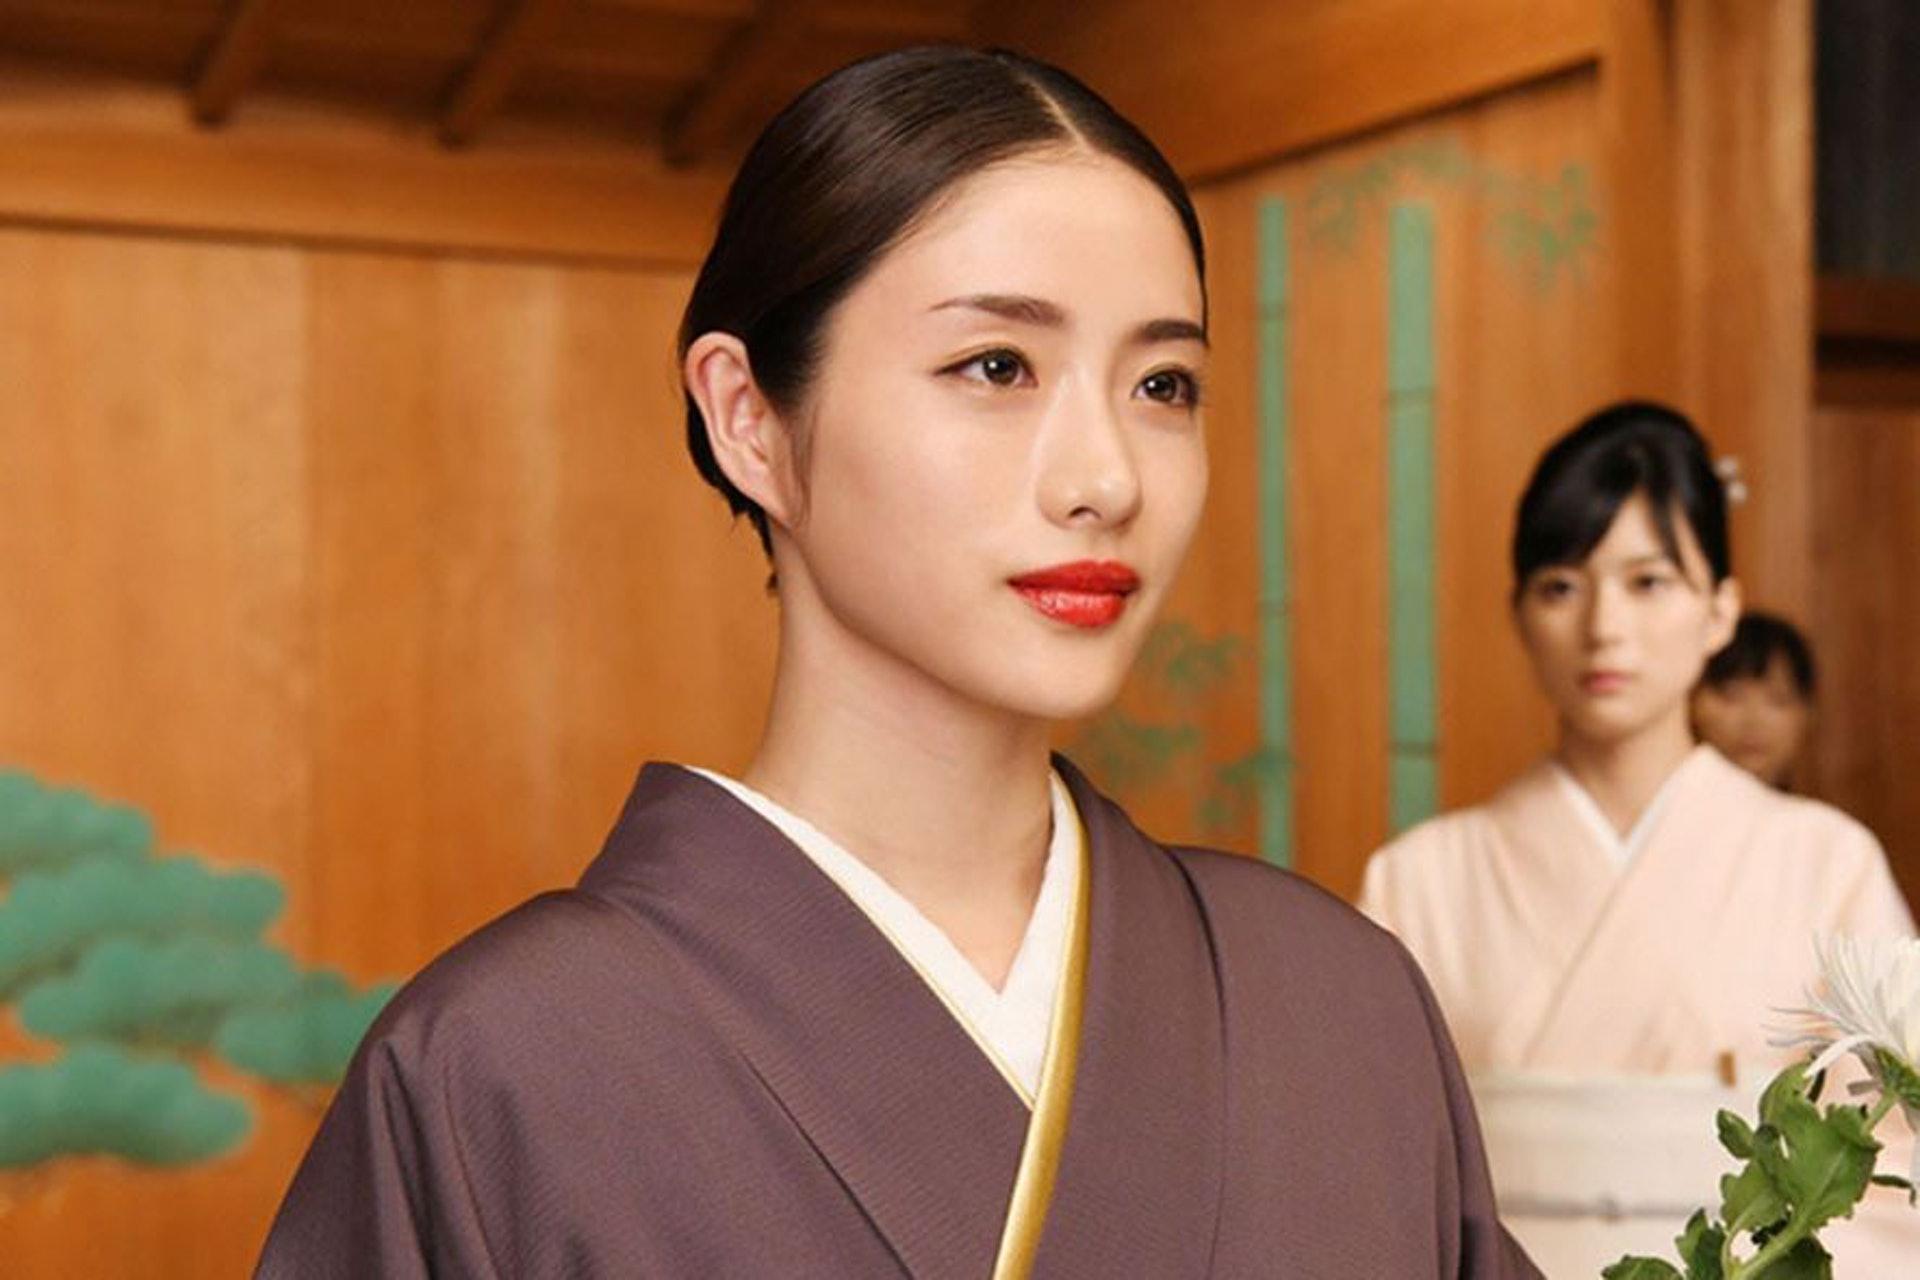 石原里美現時更是日本廣告界的寵兒。 (《高嶺之花》劇照)